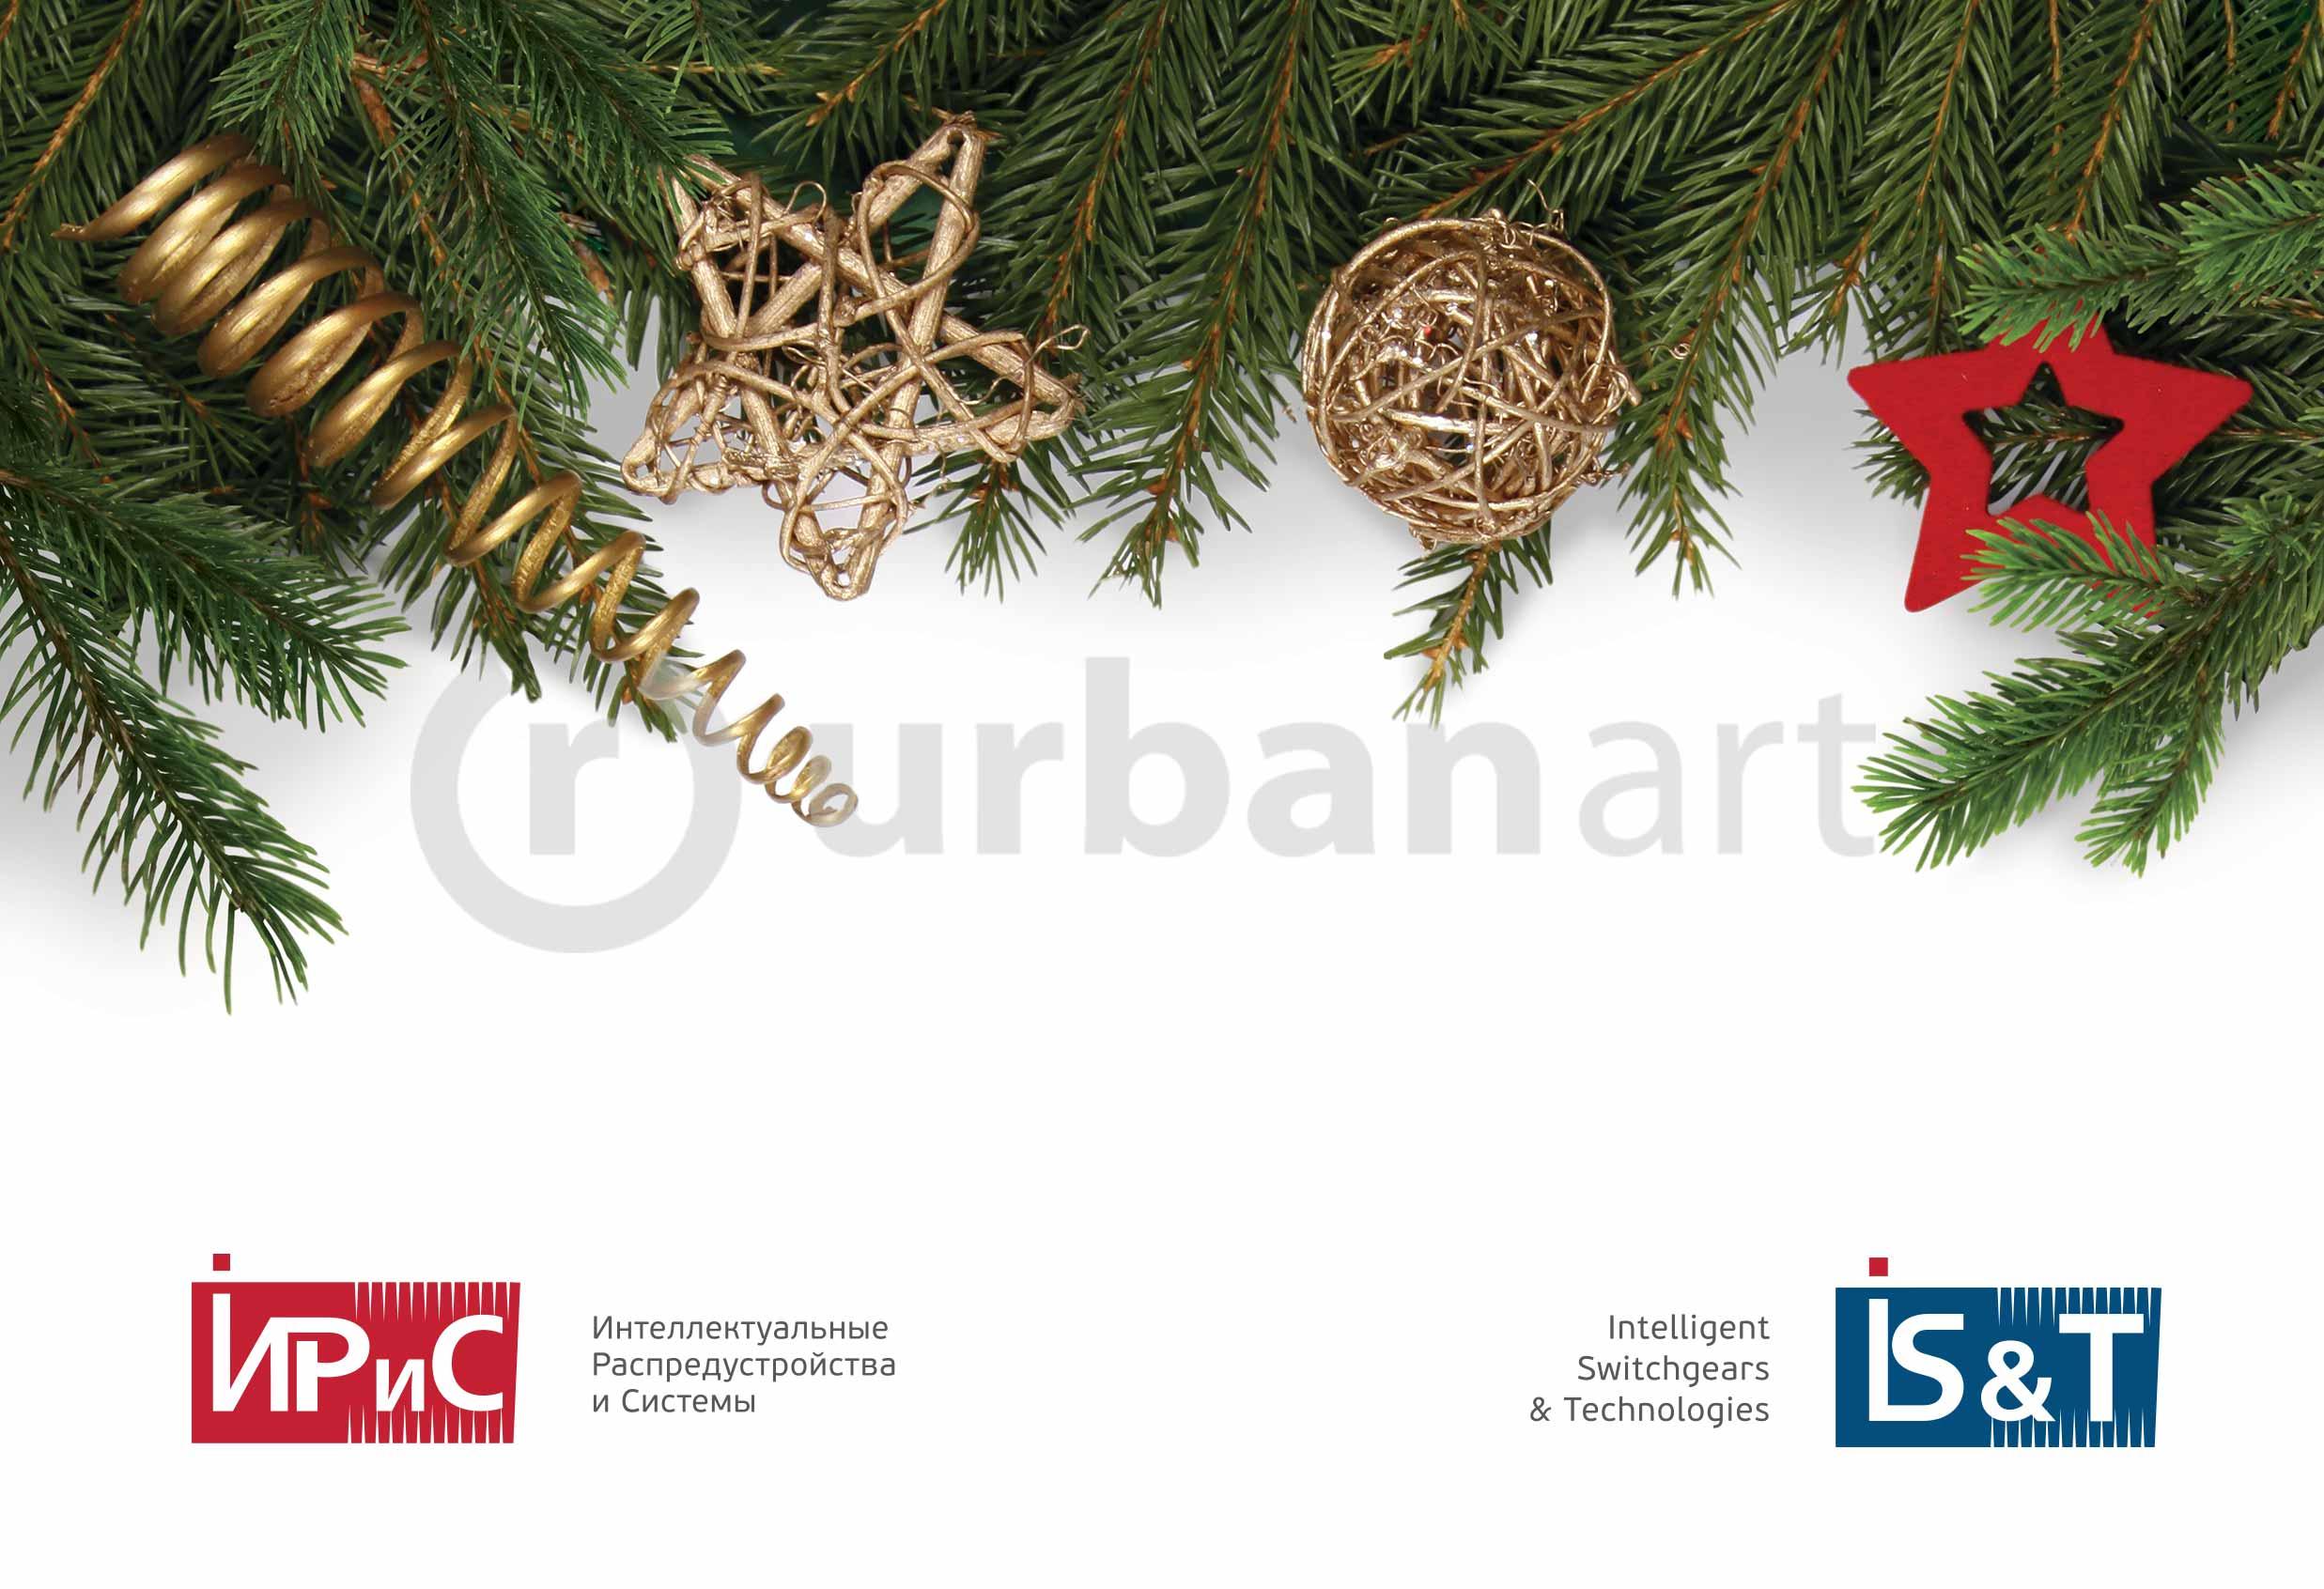 """Разработка дизайна новогодних подарков компании """"Ирис"""""""